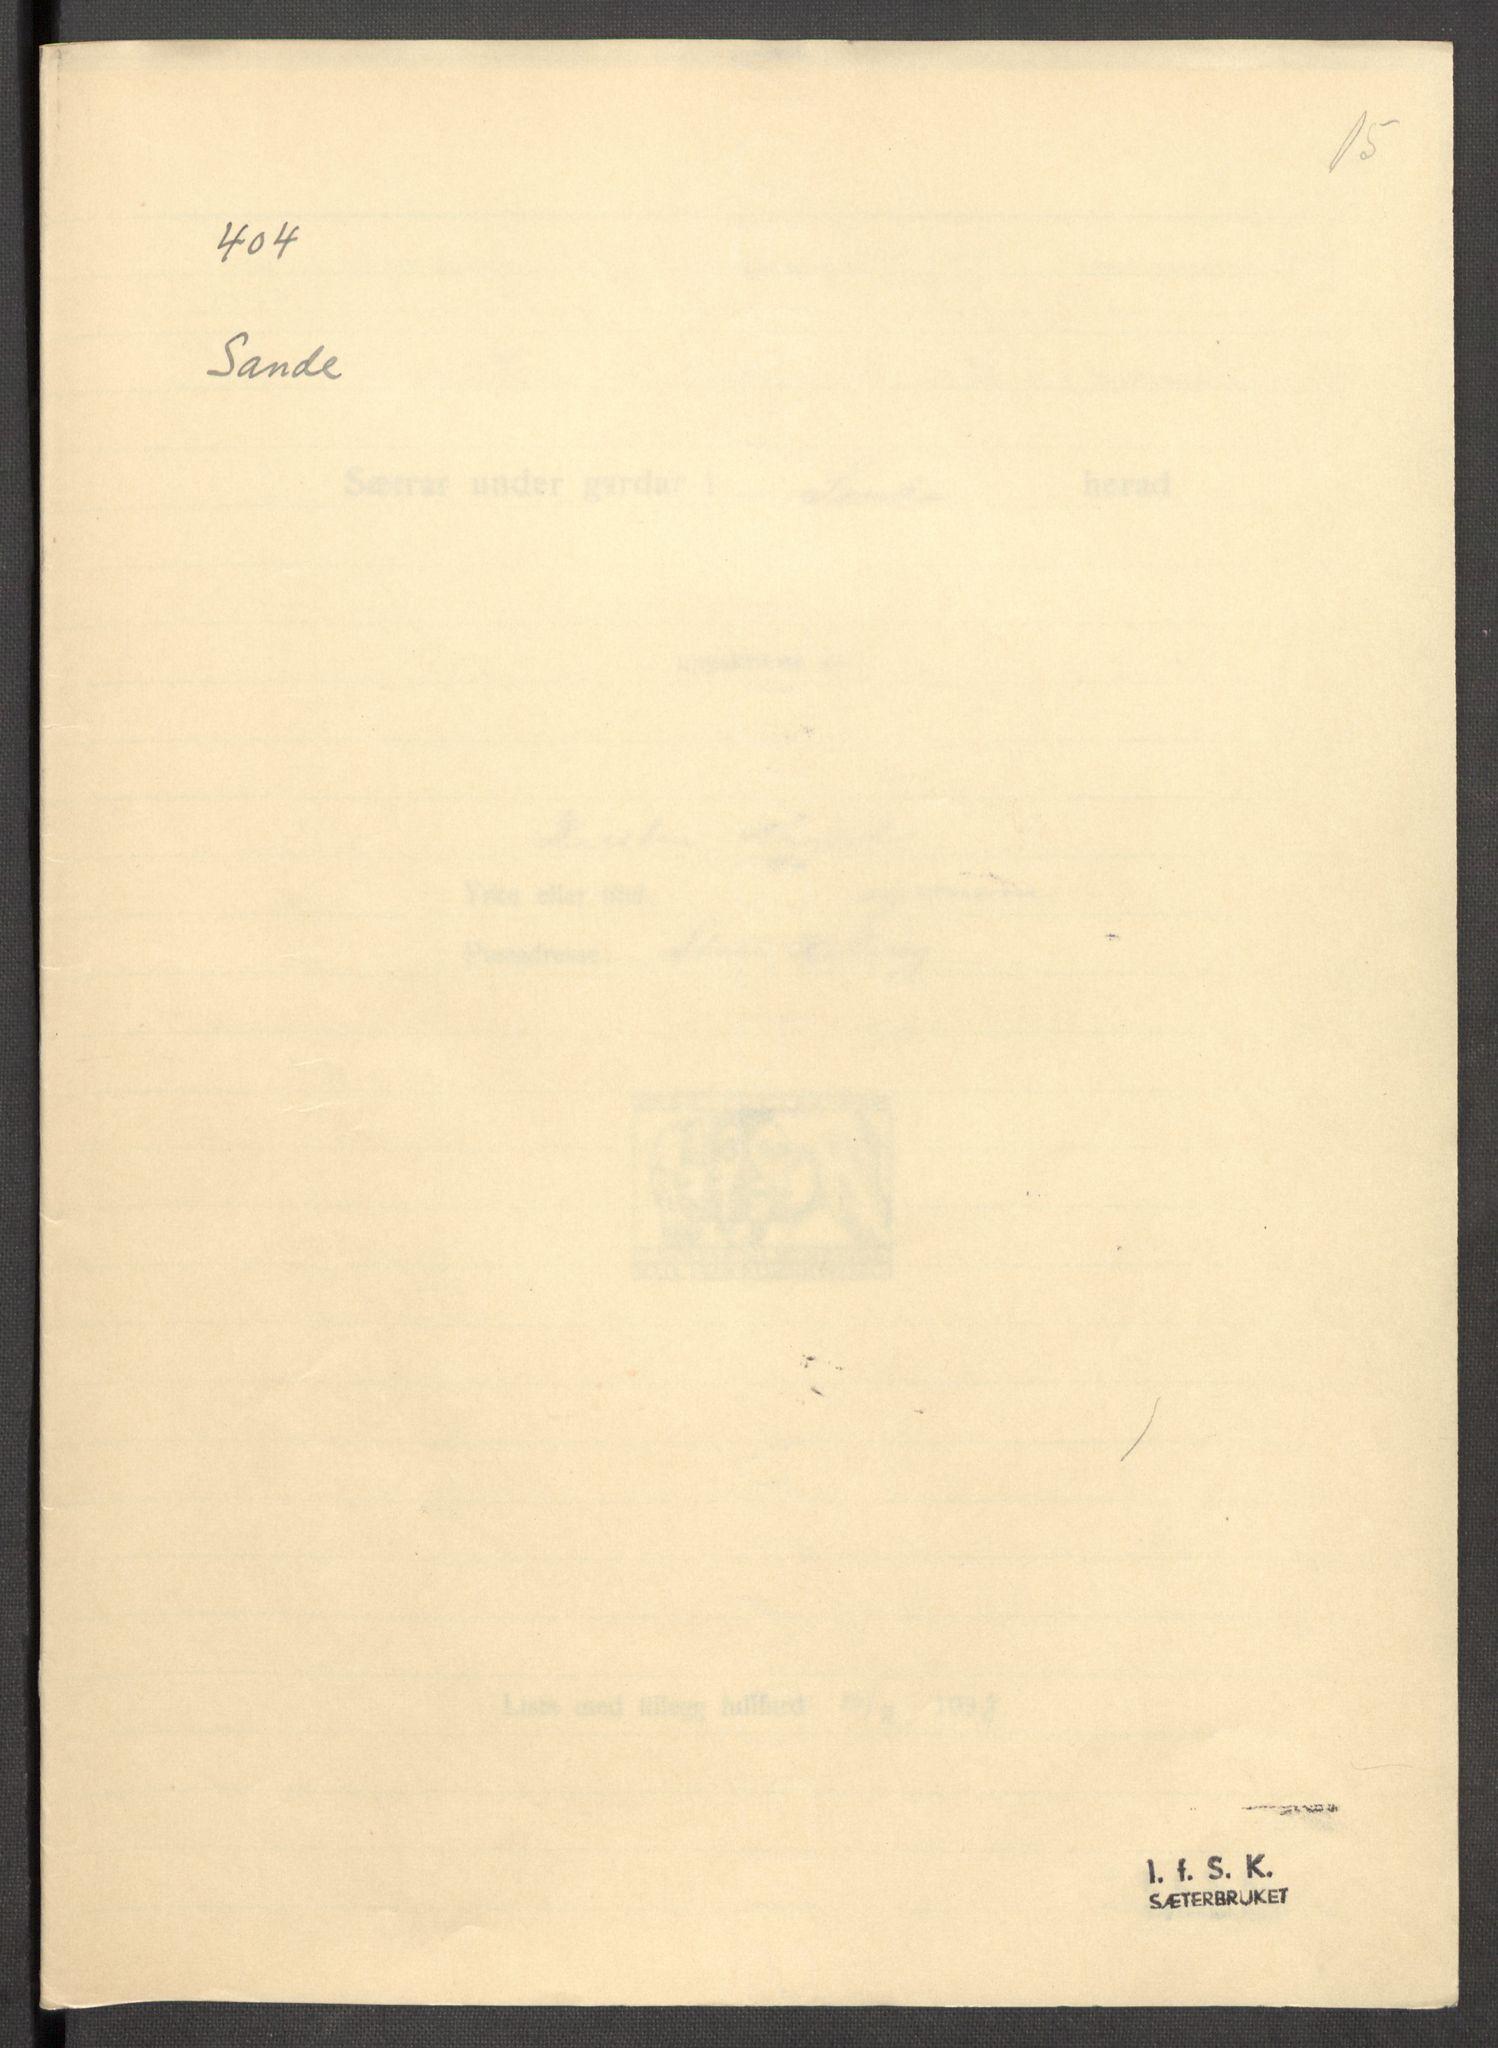 RA, Instituttet for sammenlignende kulturforskning, F/Fc/L0012: Eske B12:, 1934-1936, s. 15